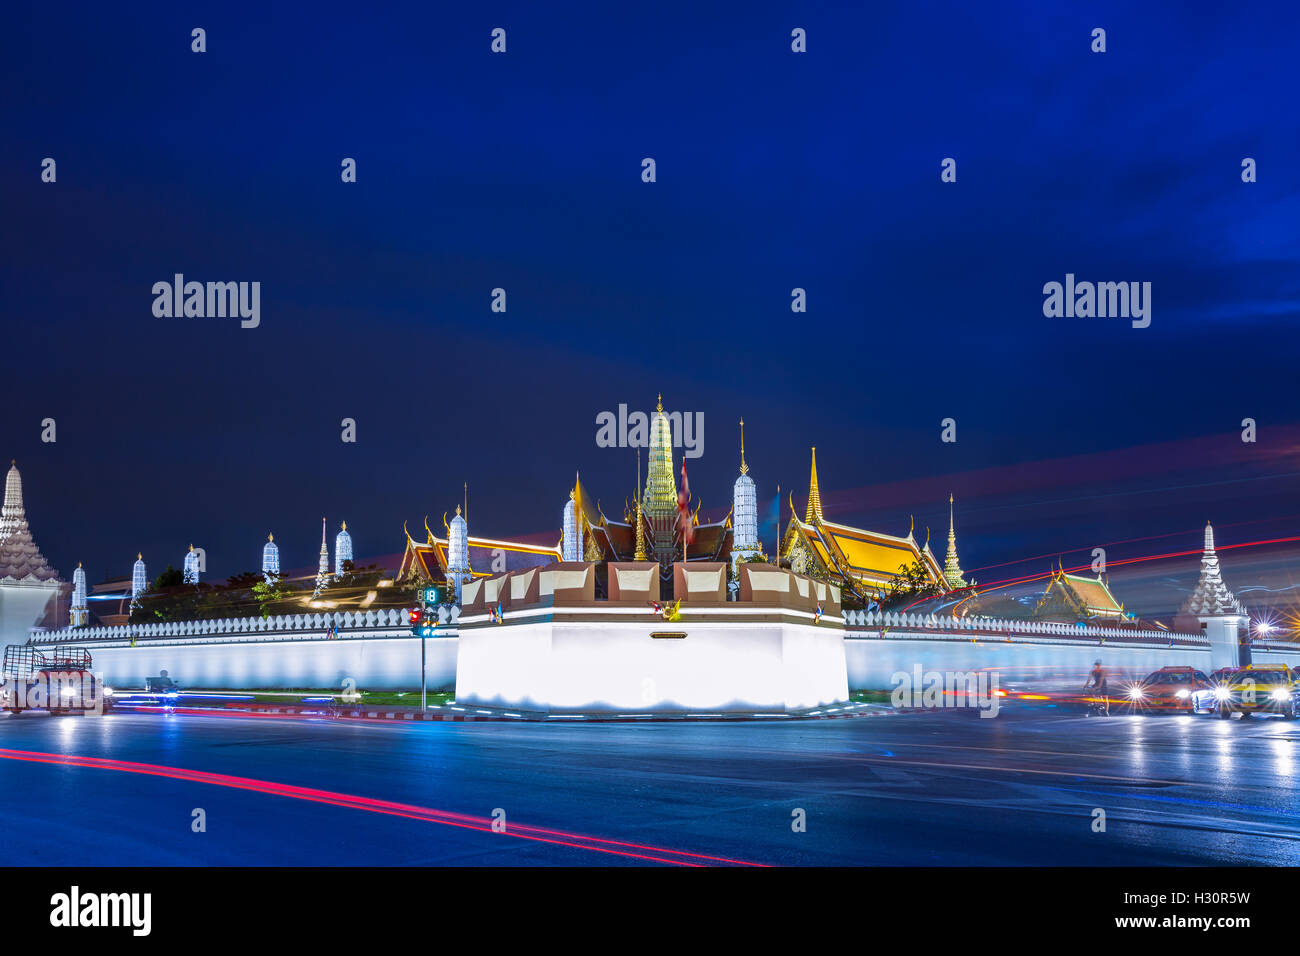 Grand Palace at dusk, Bangkok, Thailand - Stock Image